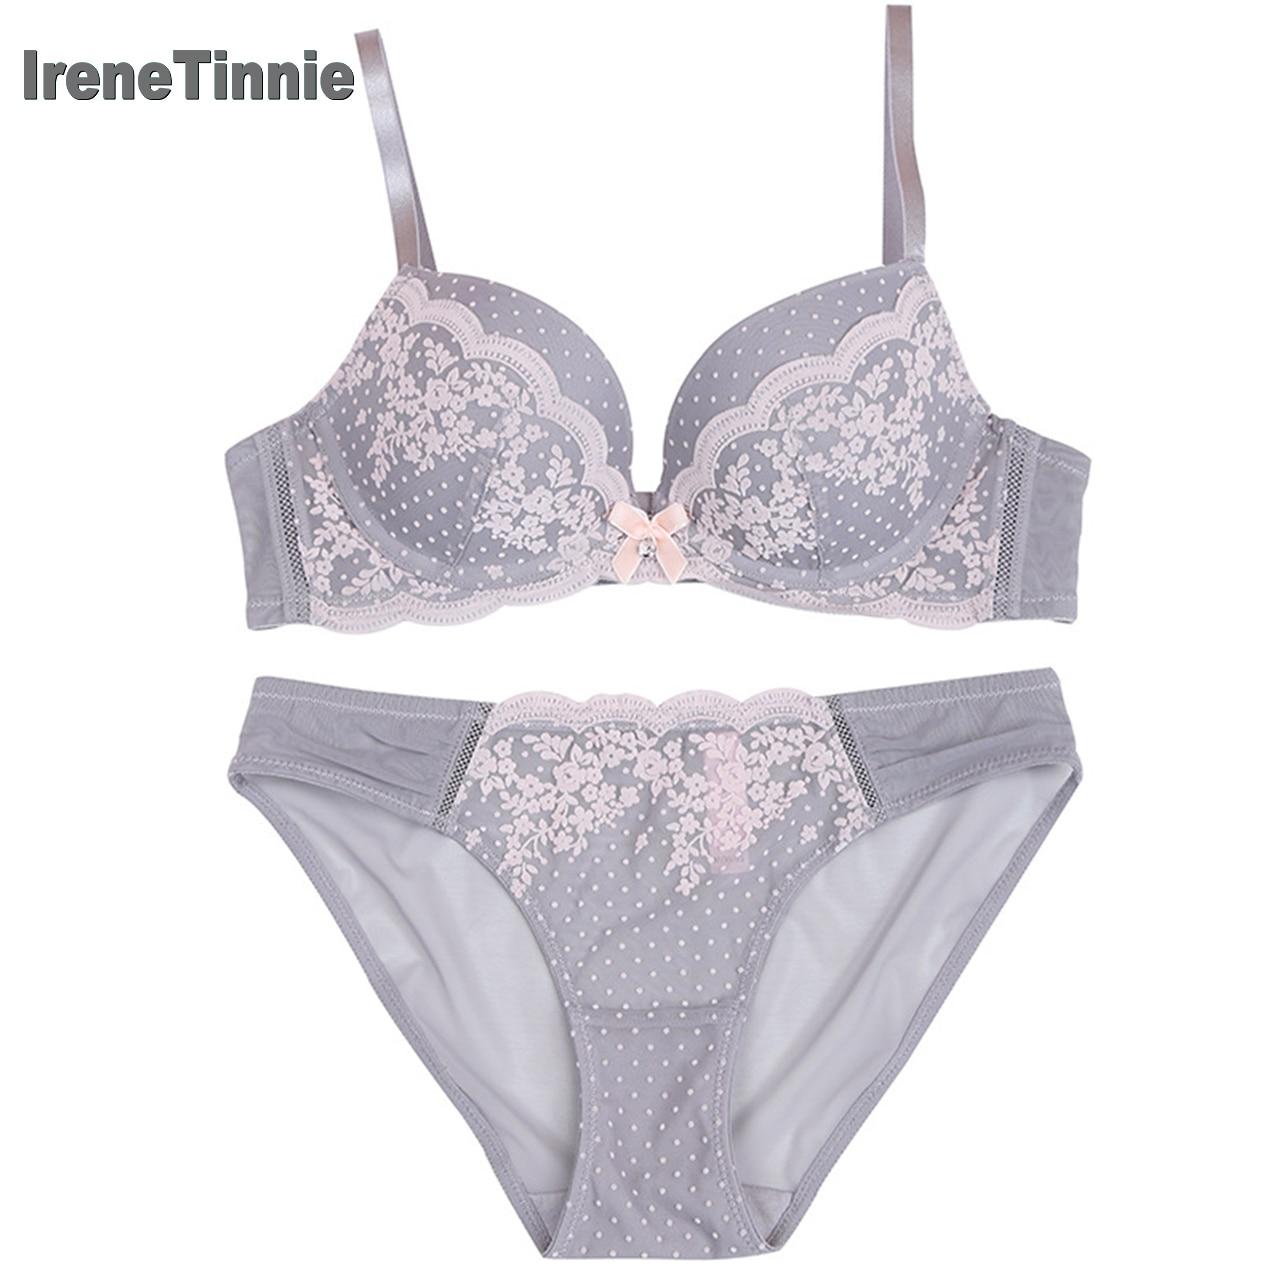 IRENE TINNIE, сексуальный комплект из бюстгальтера и трусиков, в горошек, с кружевным бантом, пуш ап, комплект нижнего белья, регулируемый плечево